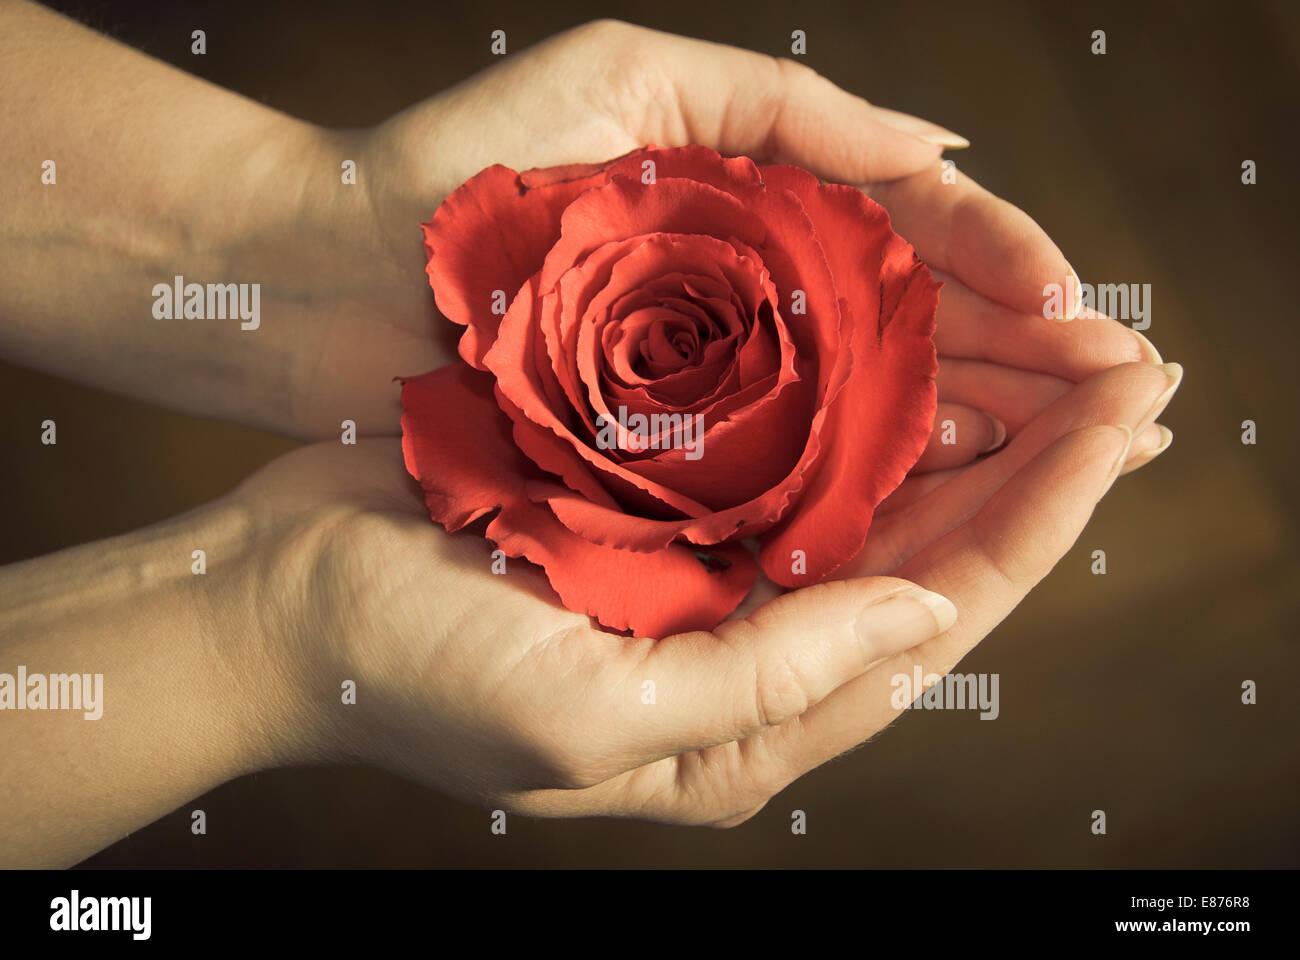 Les mains tenant une rose rouge Photo Stock